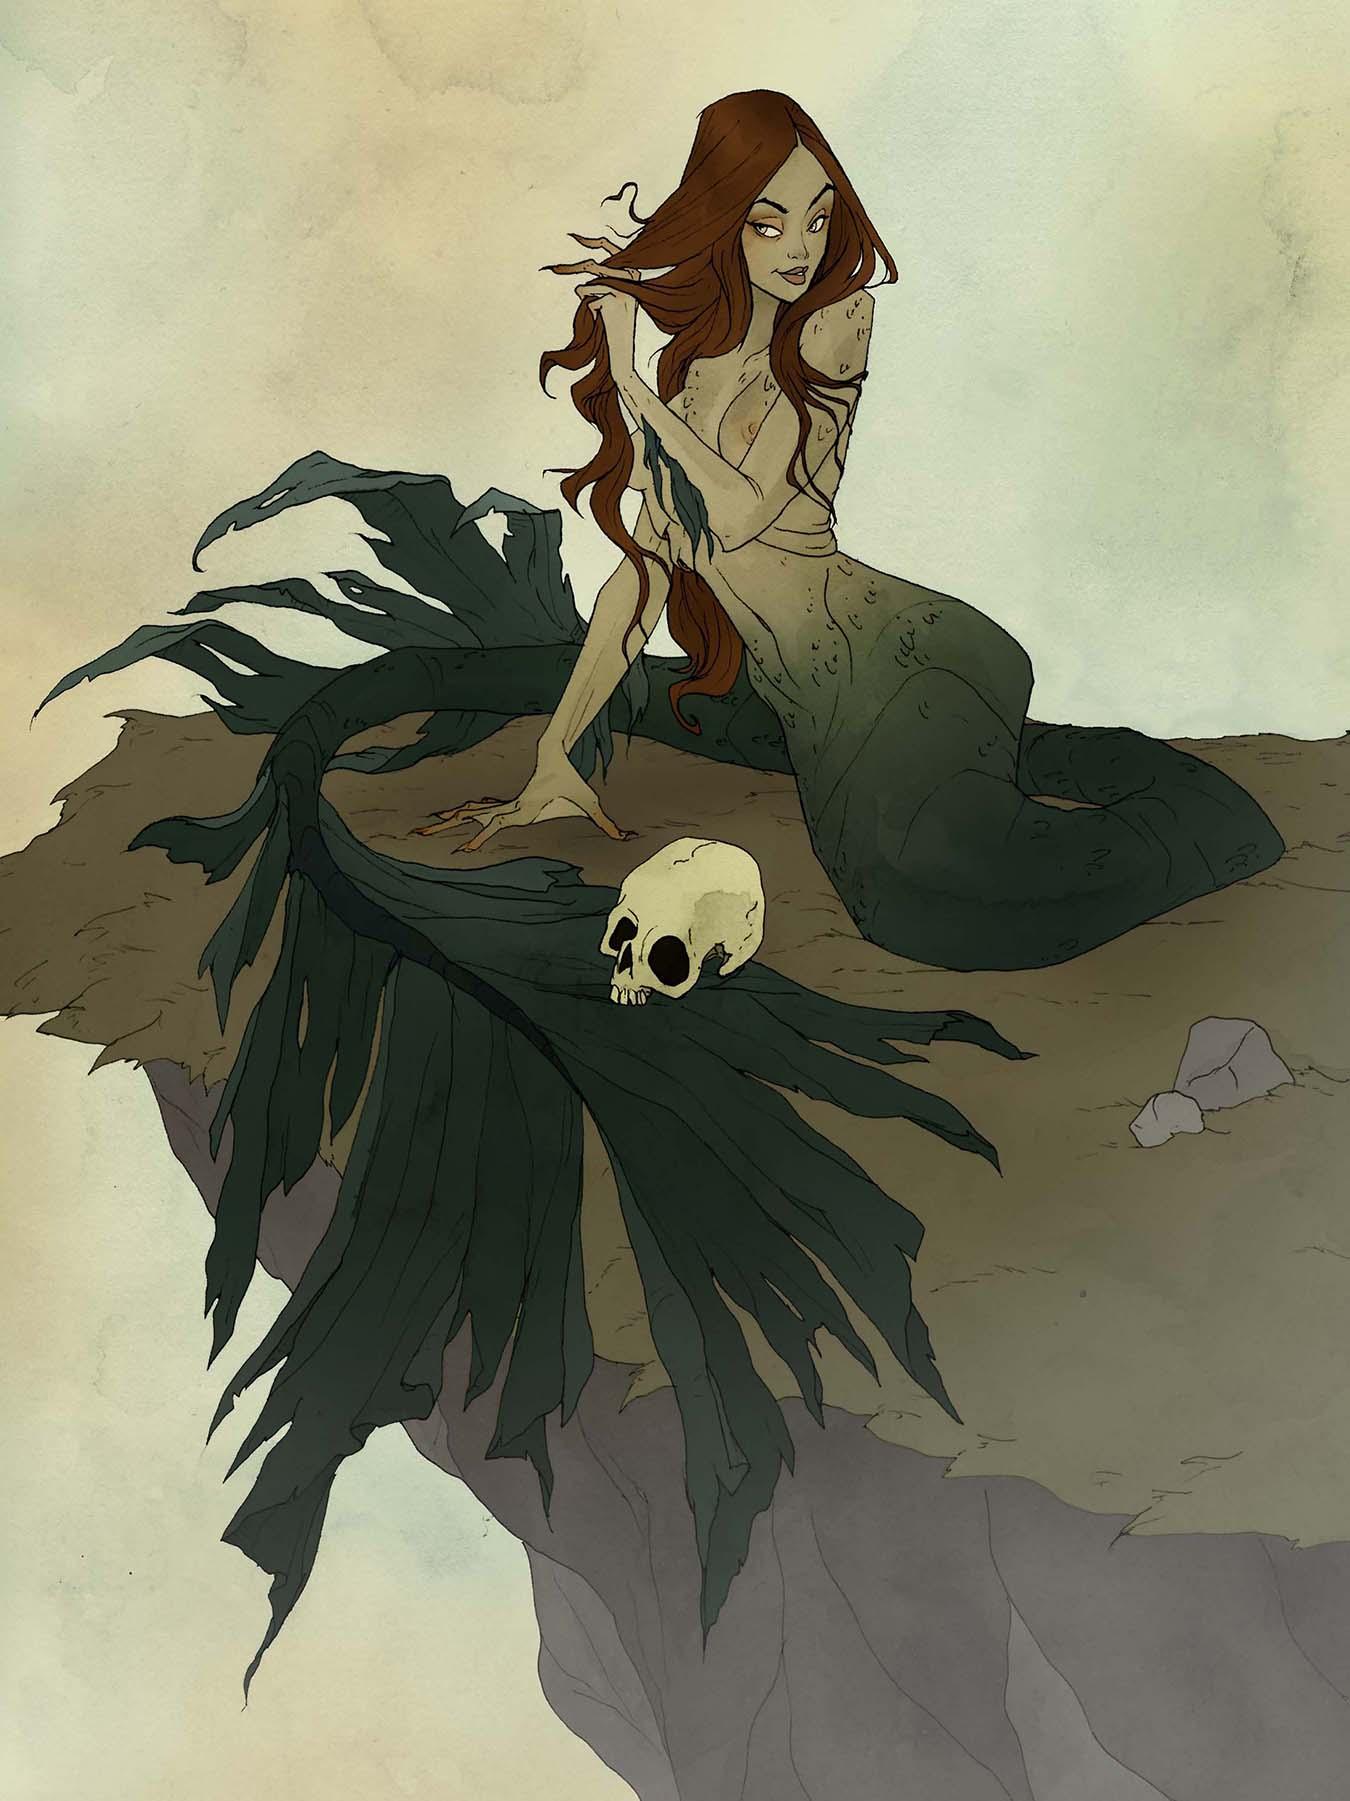 Image de l'artbook Crimson d'Abigail Larson : une belle sirène surplombe les rochers.